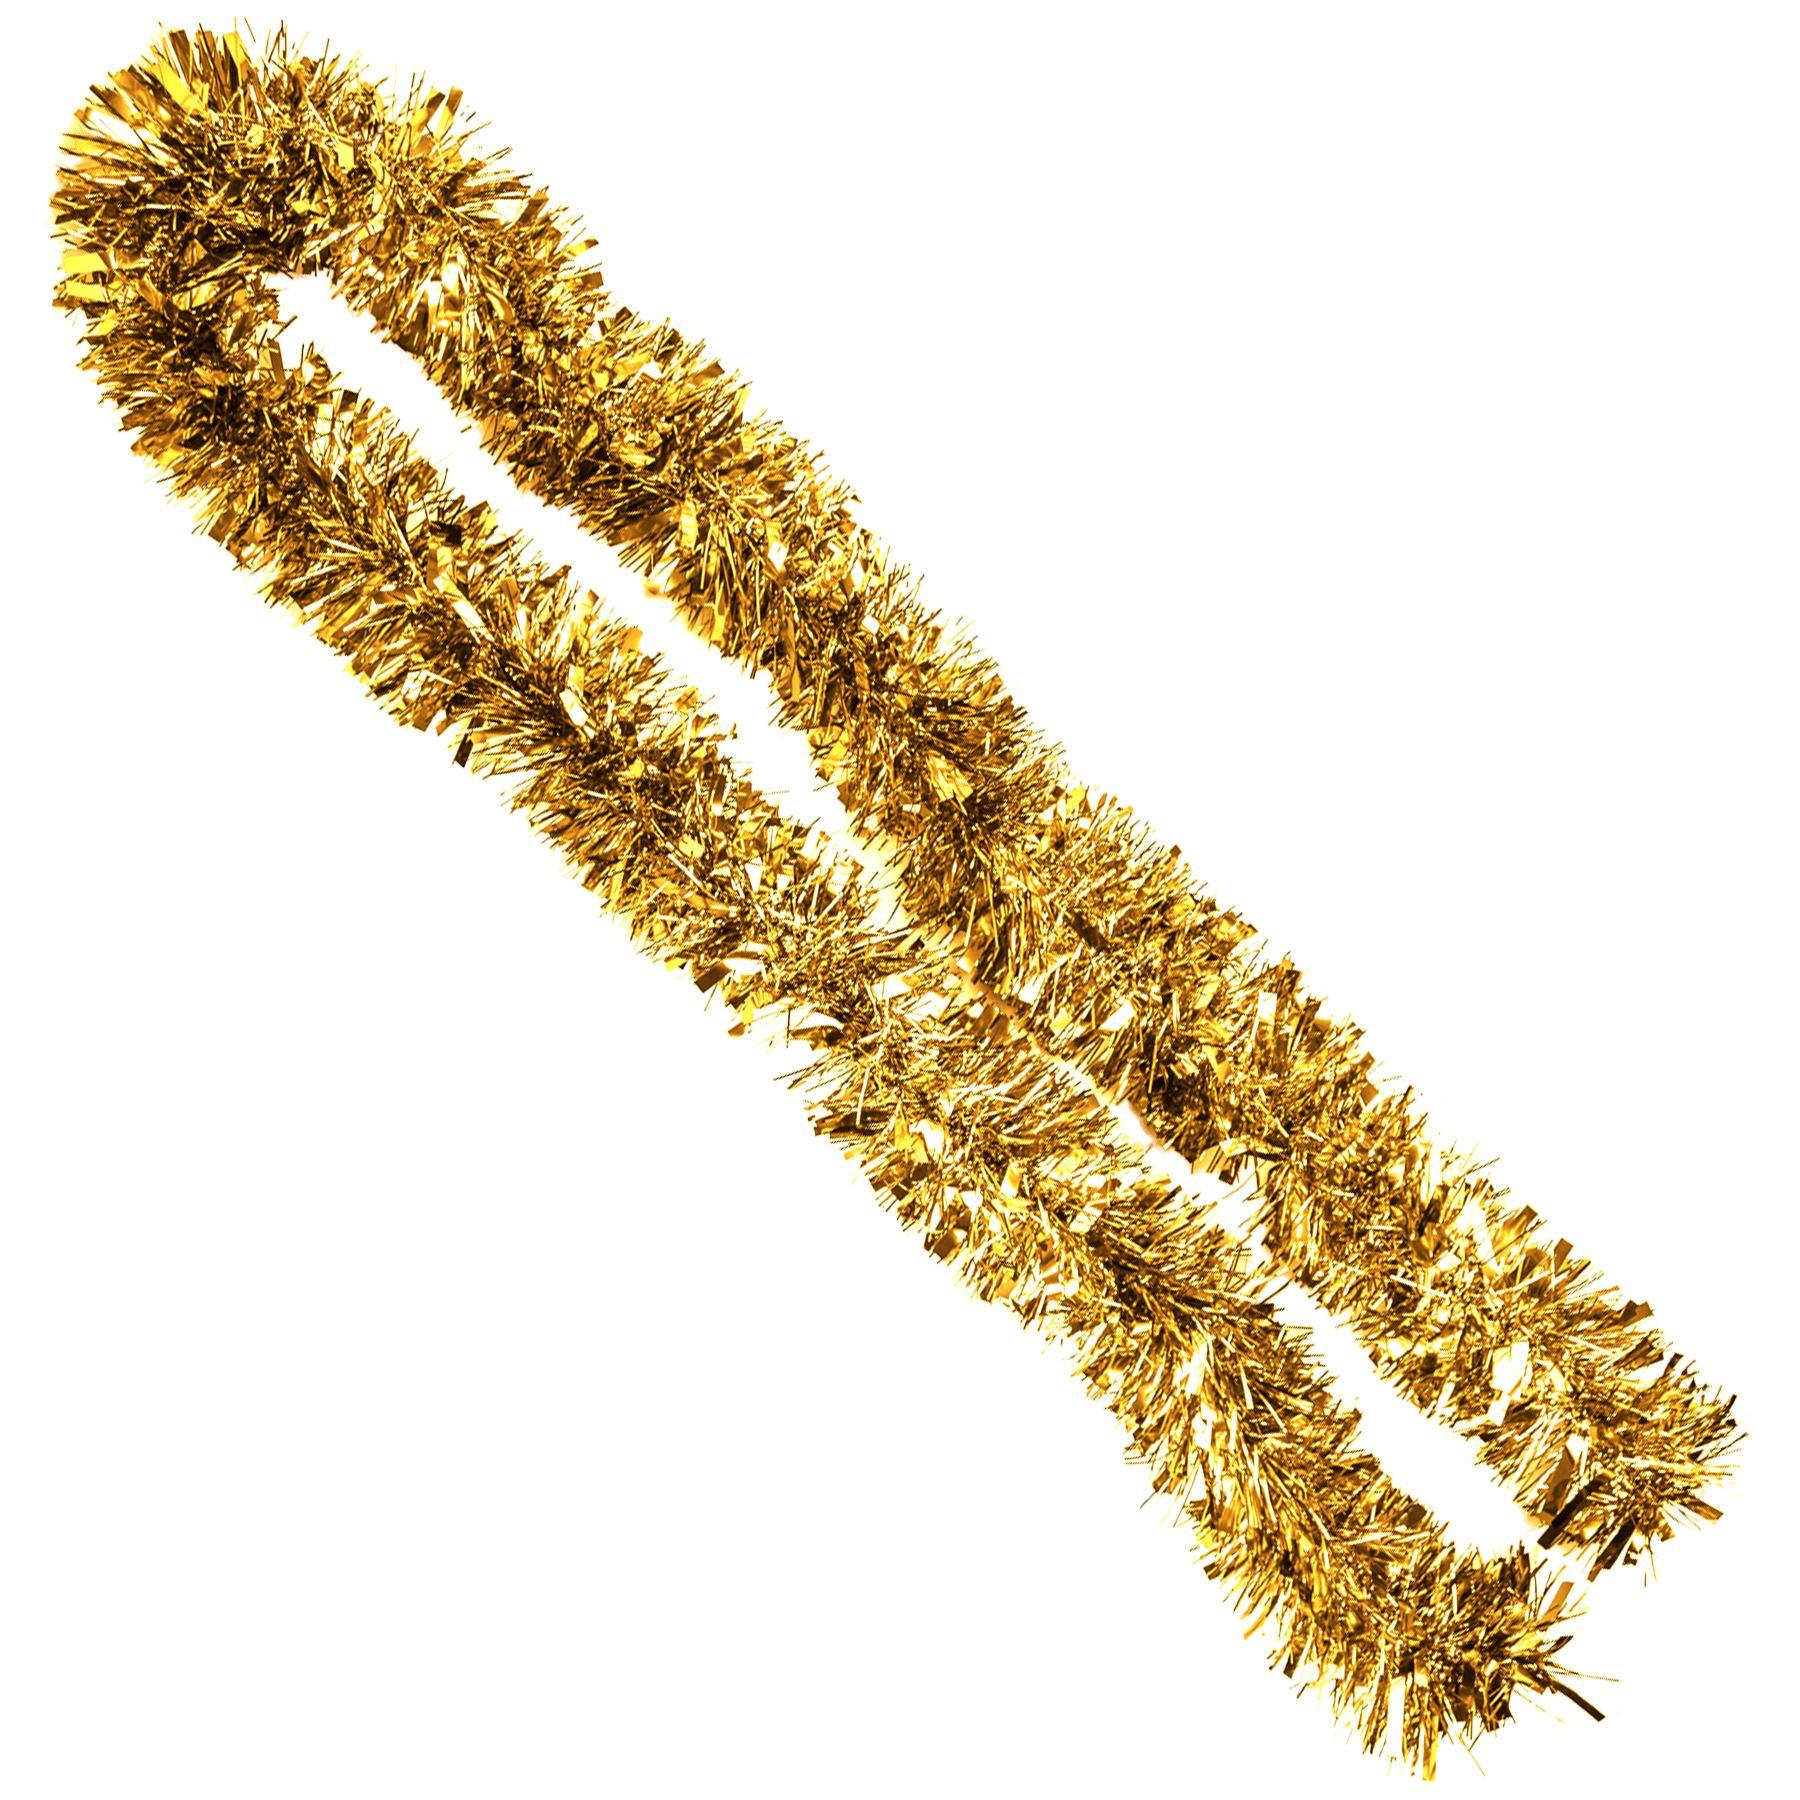 2m-a-trama-grossa-METALLIZZATO-decorazioni-6ply-spessore-Albero-di-Natale-Decorazione-Casa-Festa miniatura 5